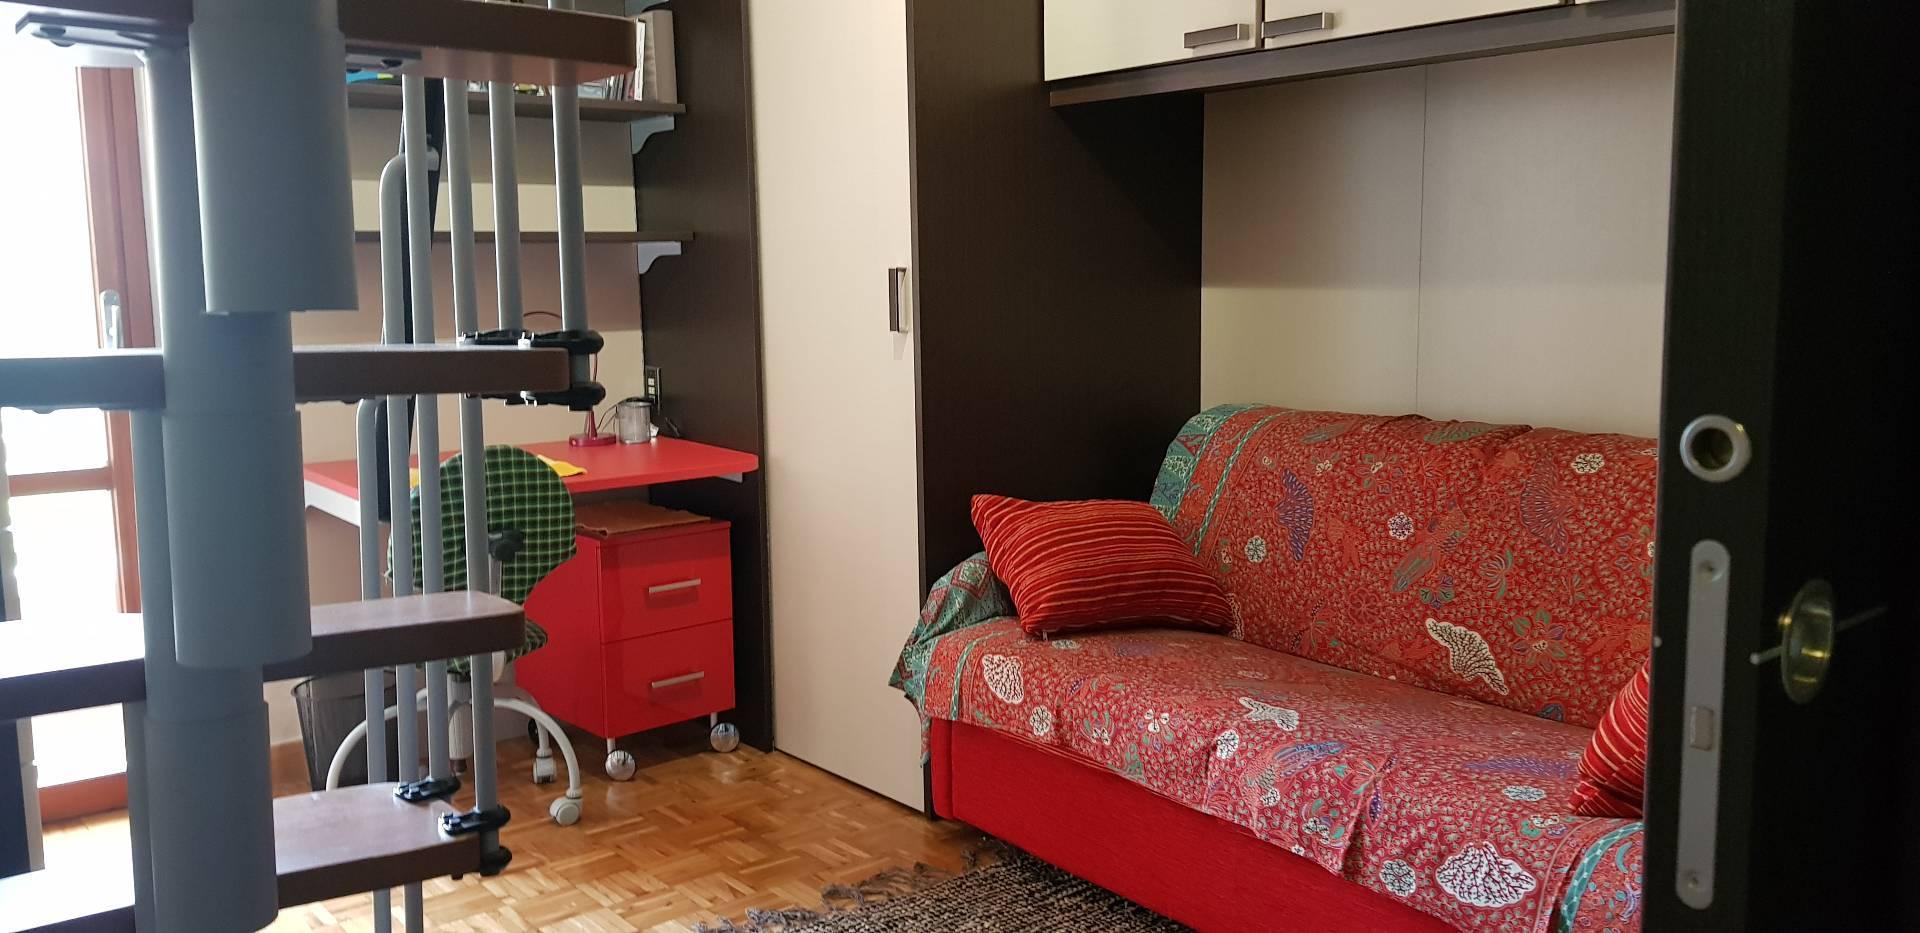 Appartamento in affitto a Ascoli Piceno, 2 locali, zona icelli, prezzo € 270 | PortaleAgenzieImmobiliari.it